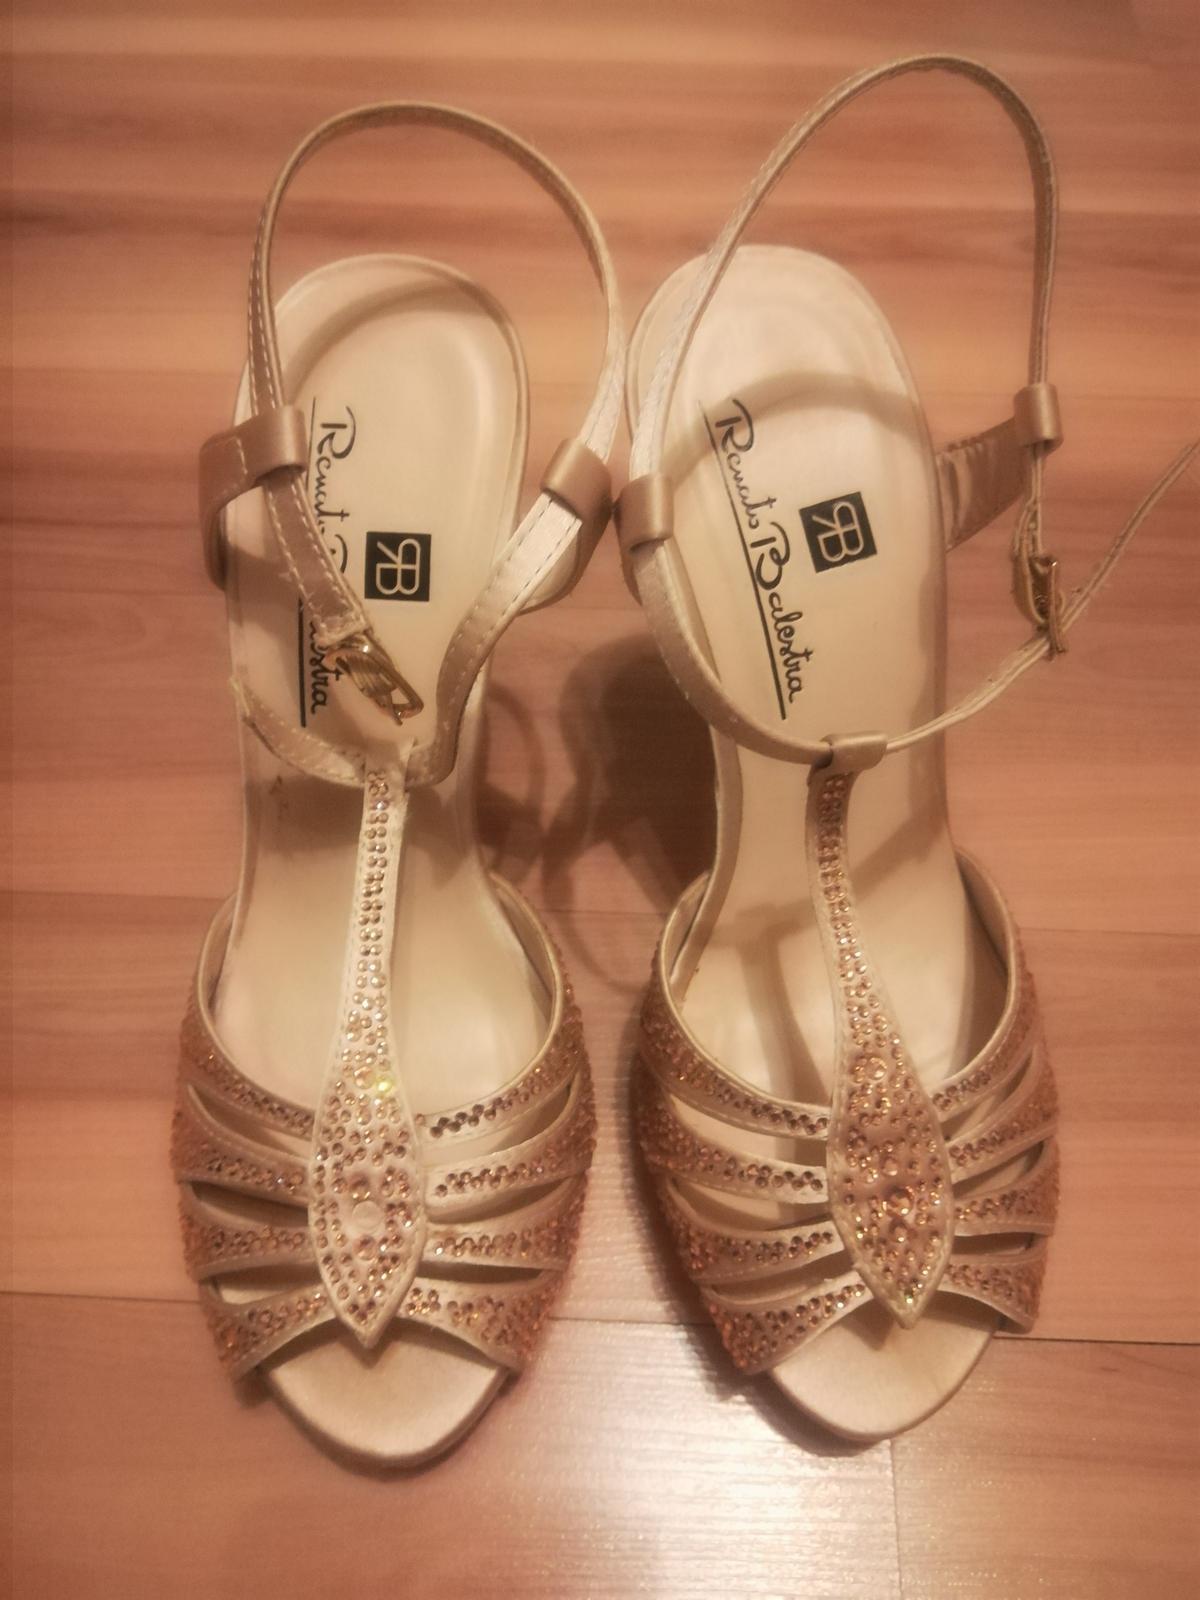 Kamienkove sandalky  - Obrázok č. 1